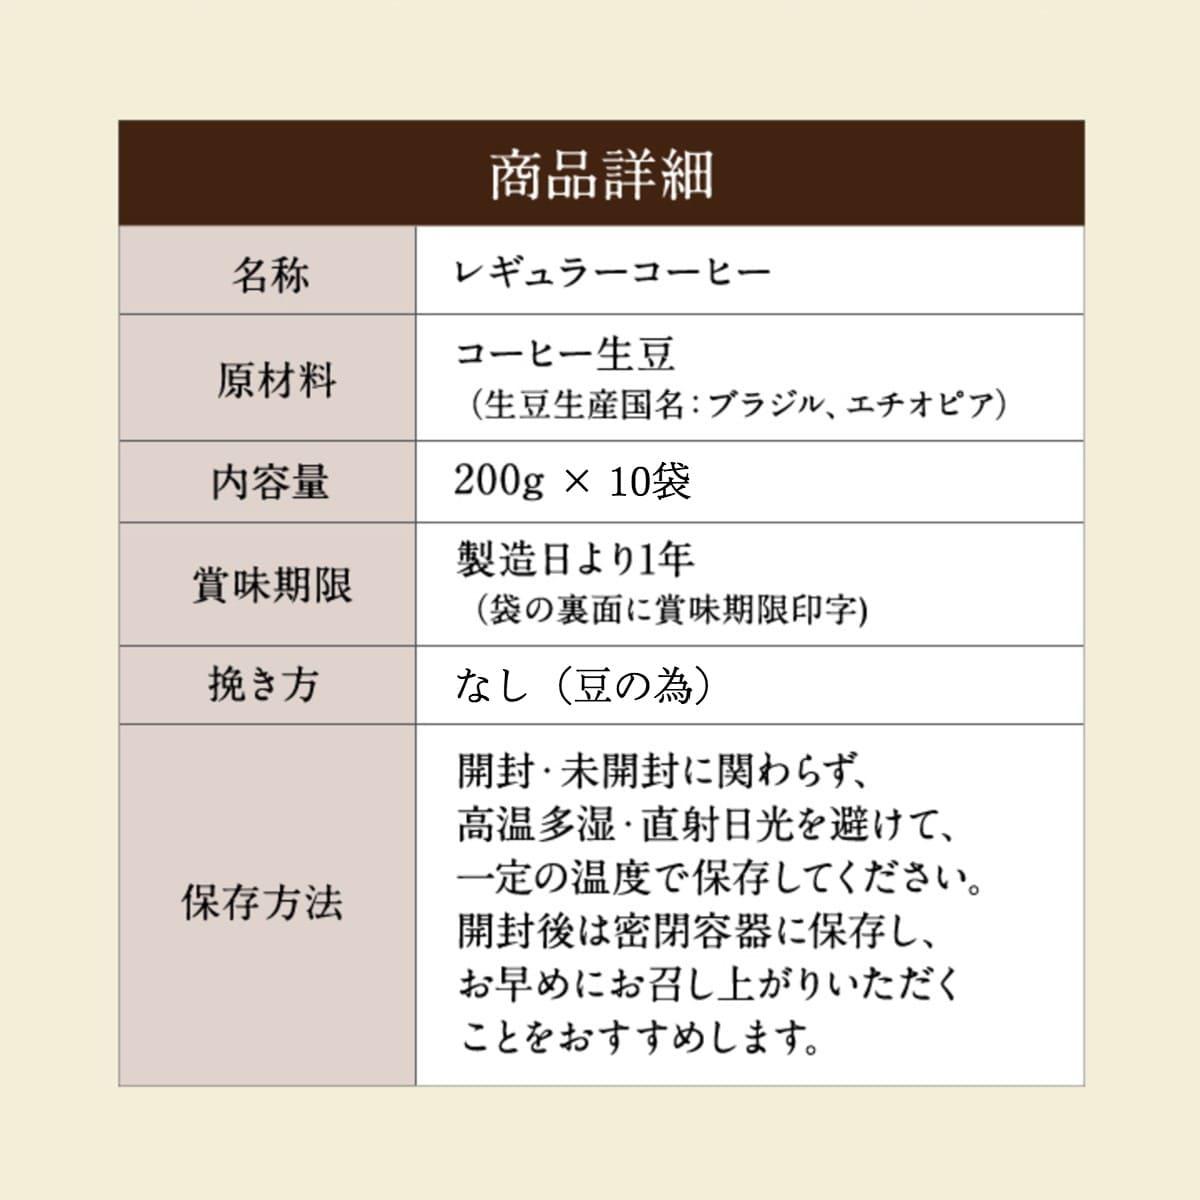 銀座 カフェー パウリスタ